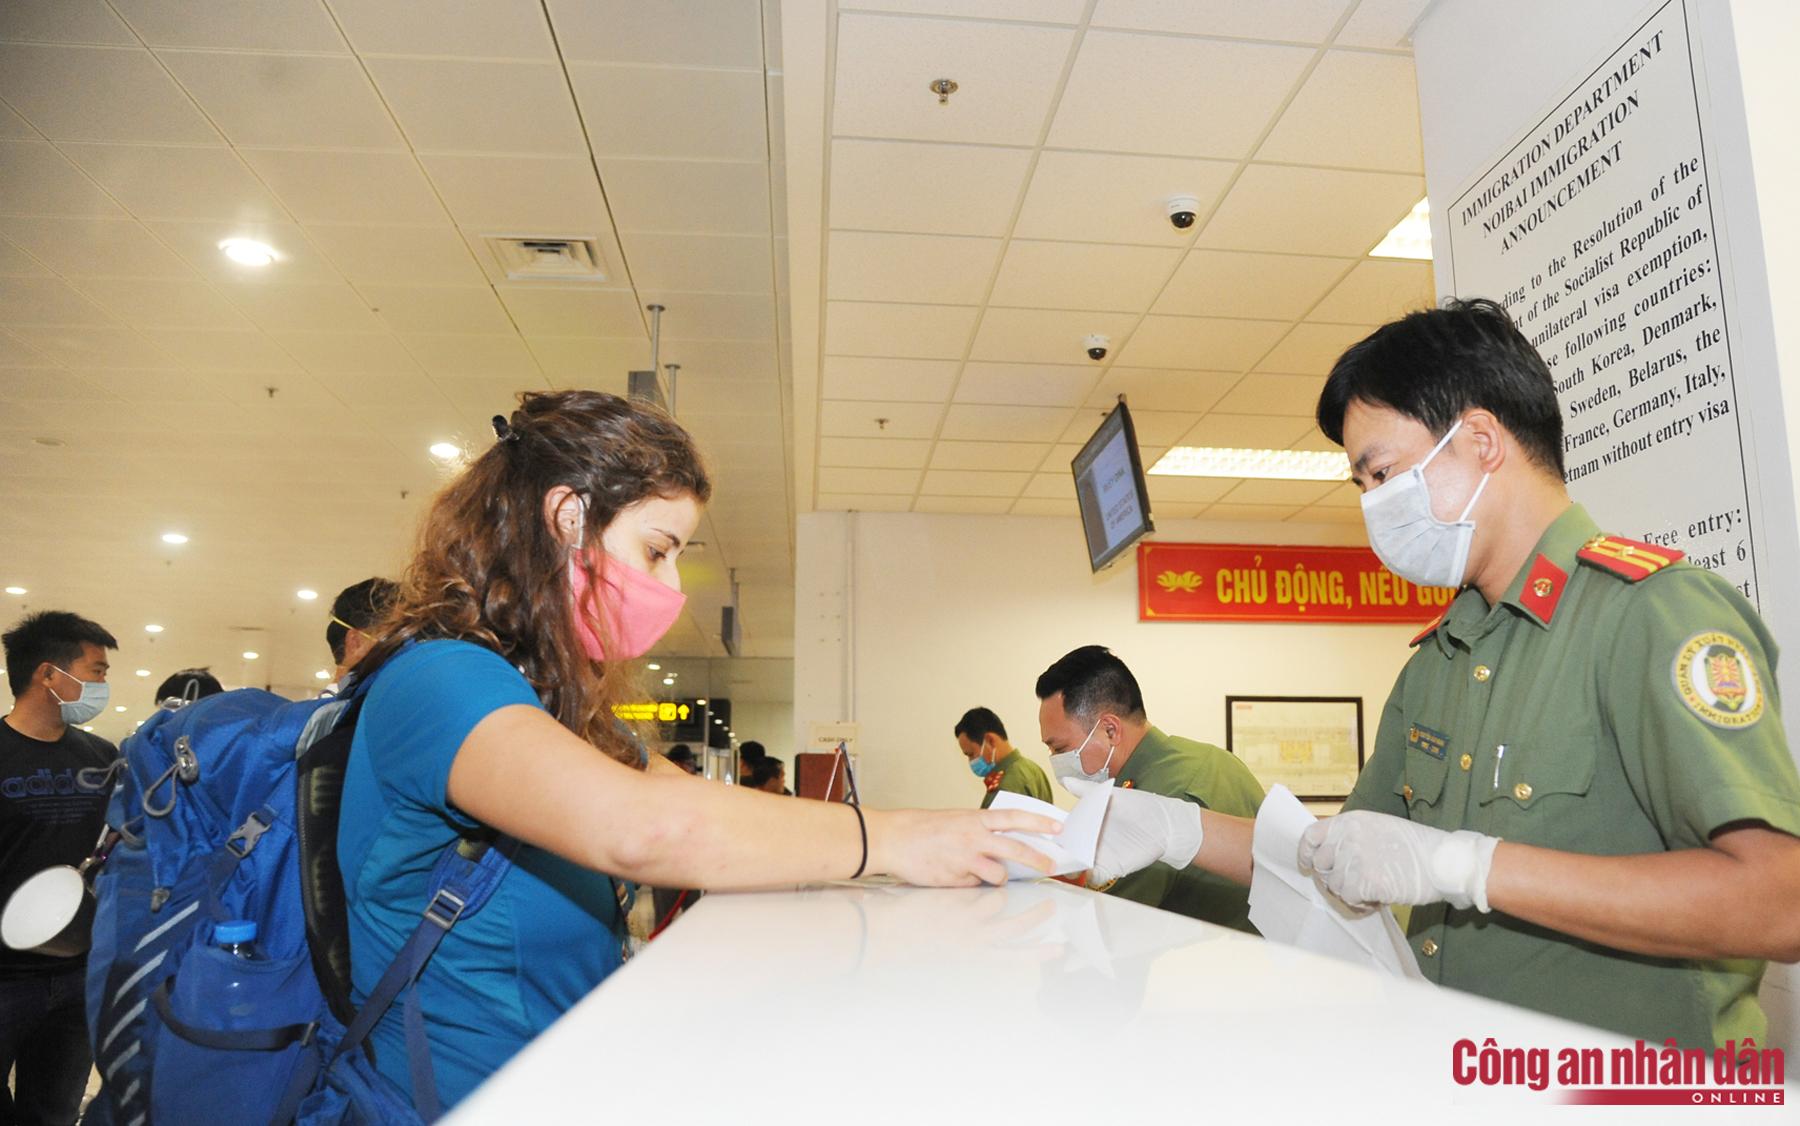 Công dân Việt Nam có 2 quốc tịch, sử dụng 2 hộ chiếu có trái với quy định?